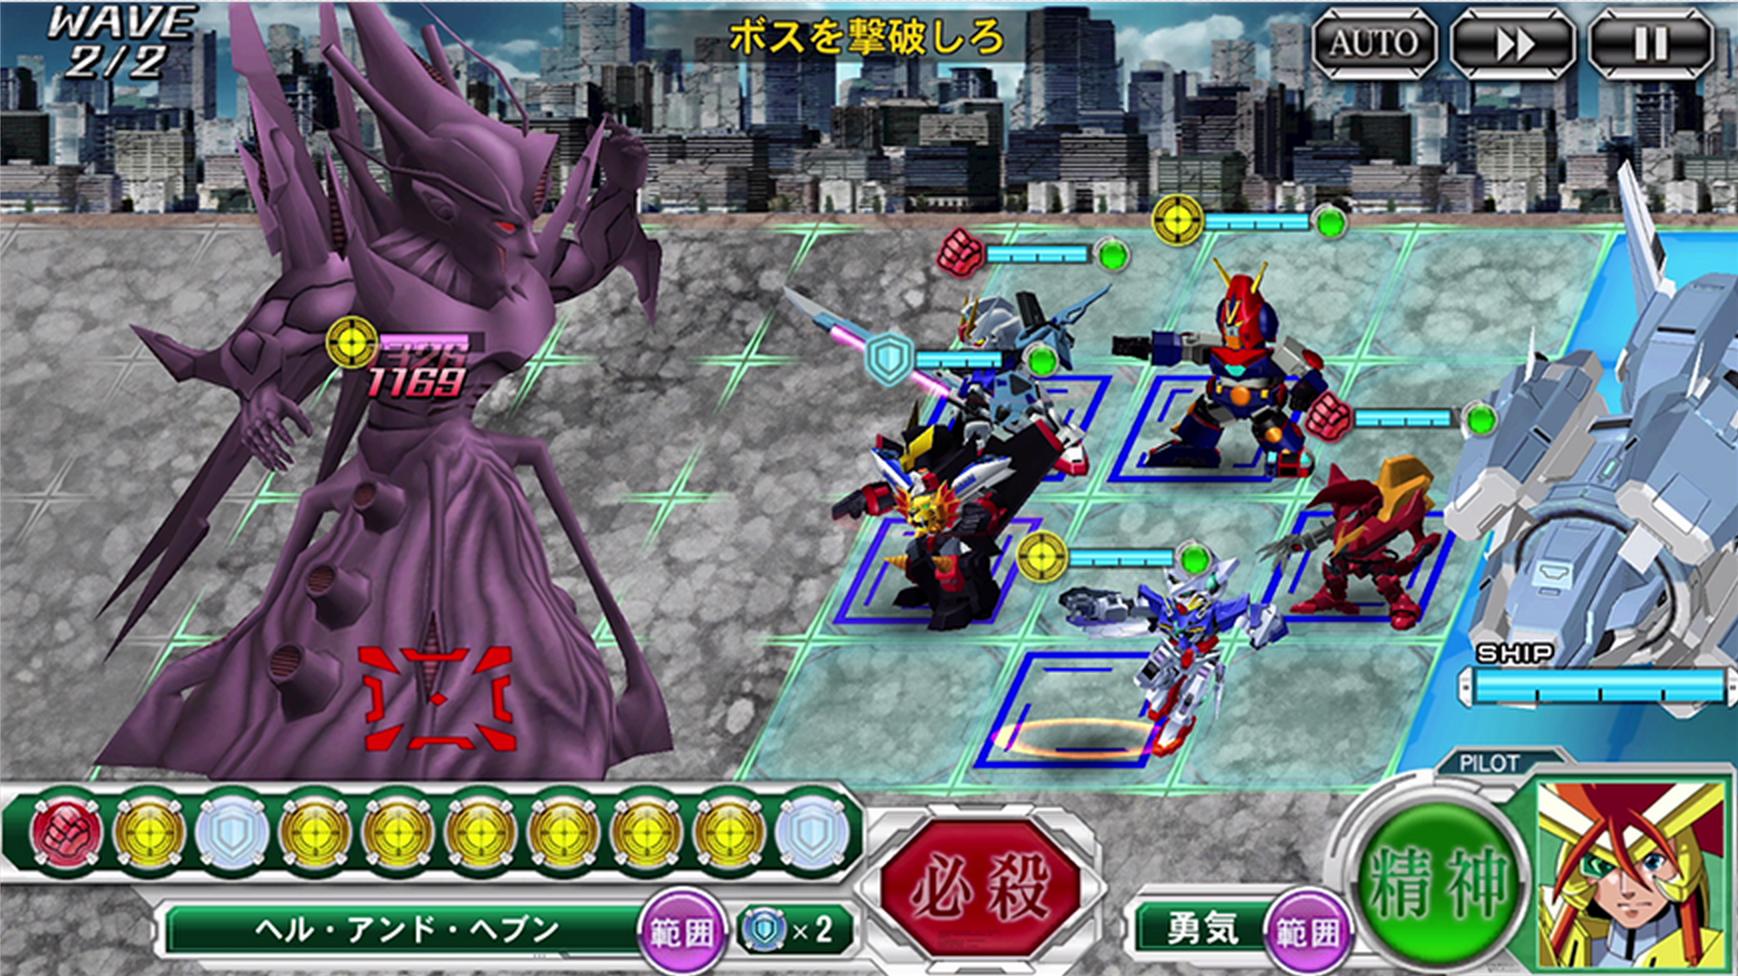 又要貨金地獄 Sega X Bandai出手機版《 機戰 X-Ω 》